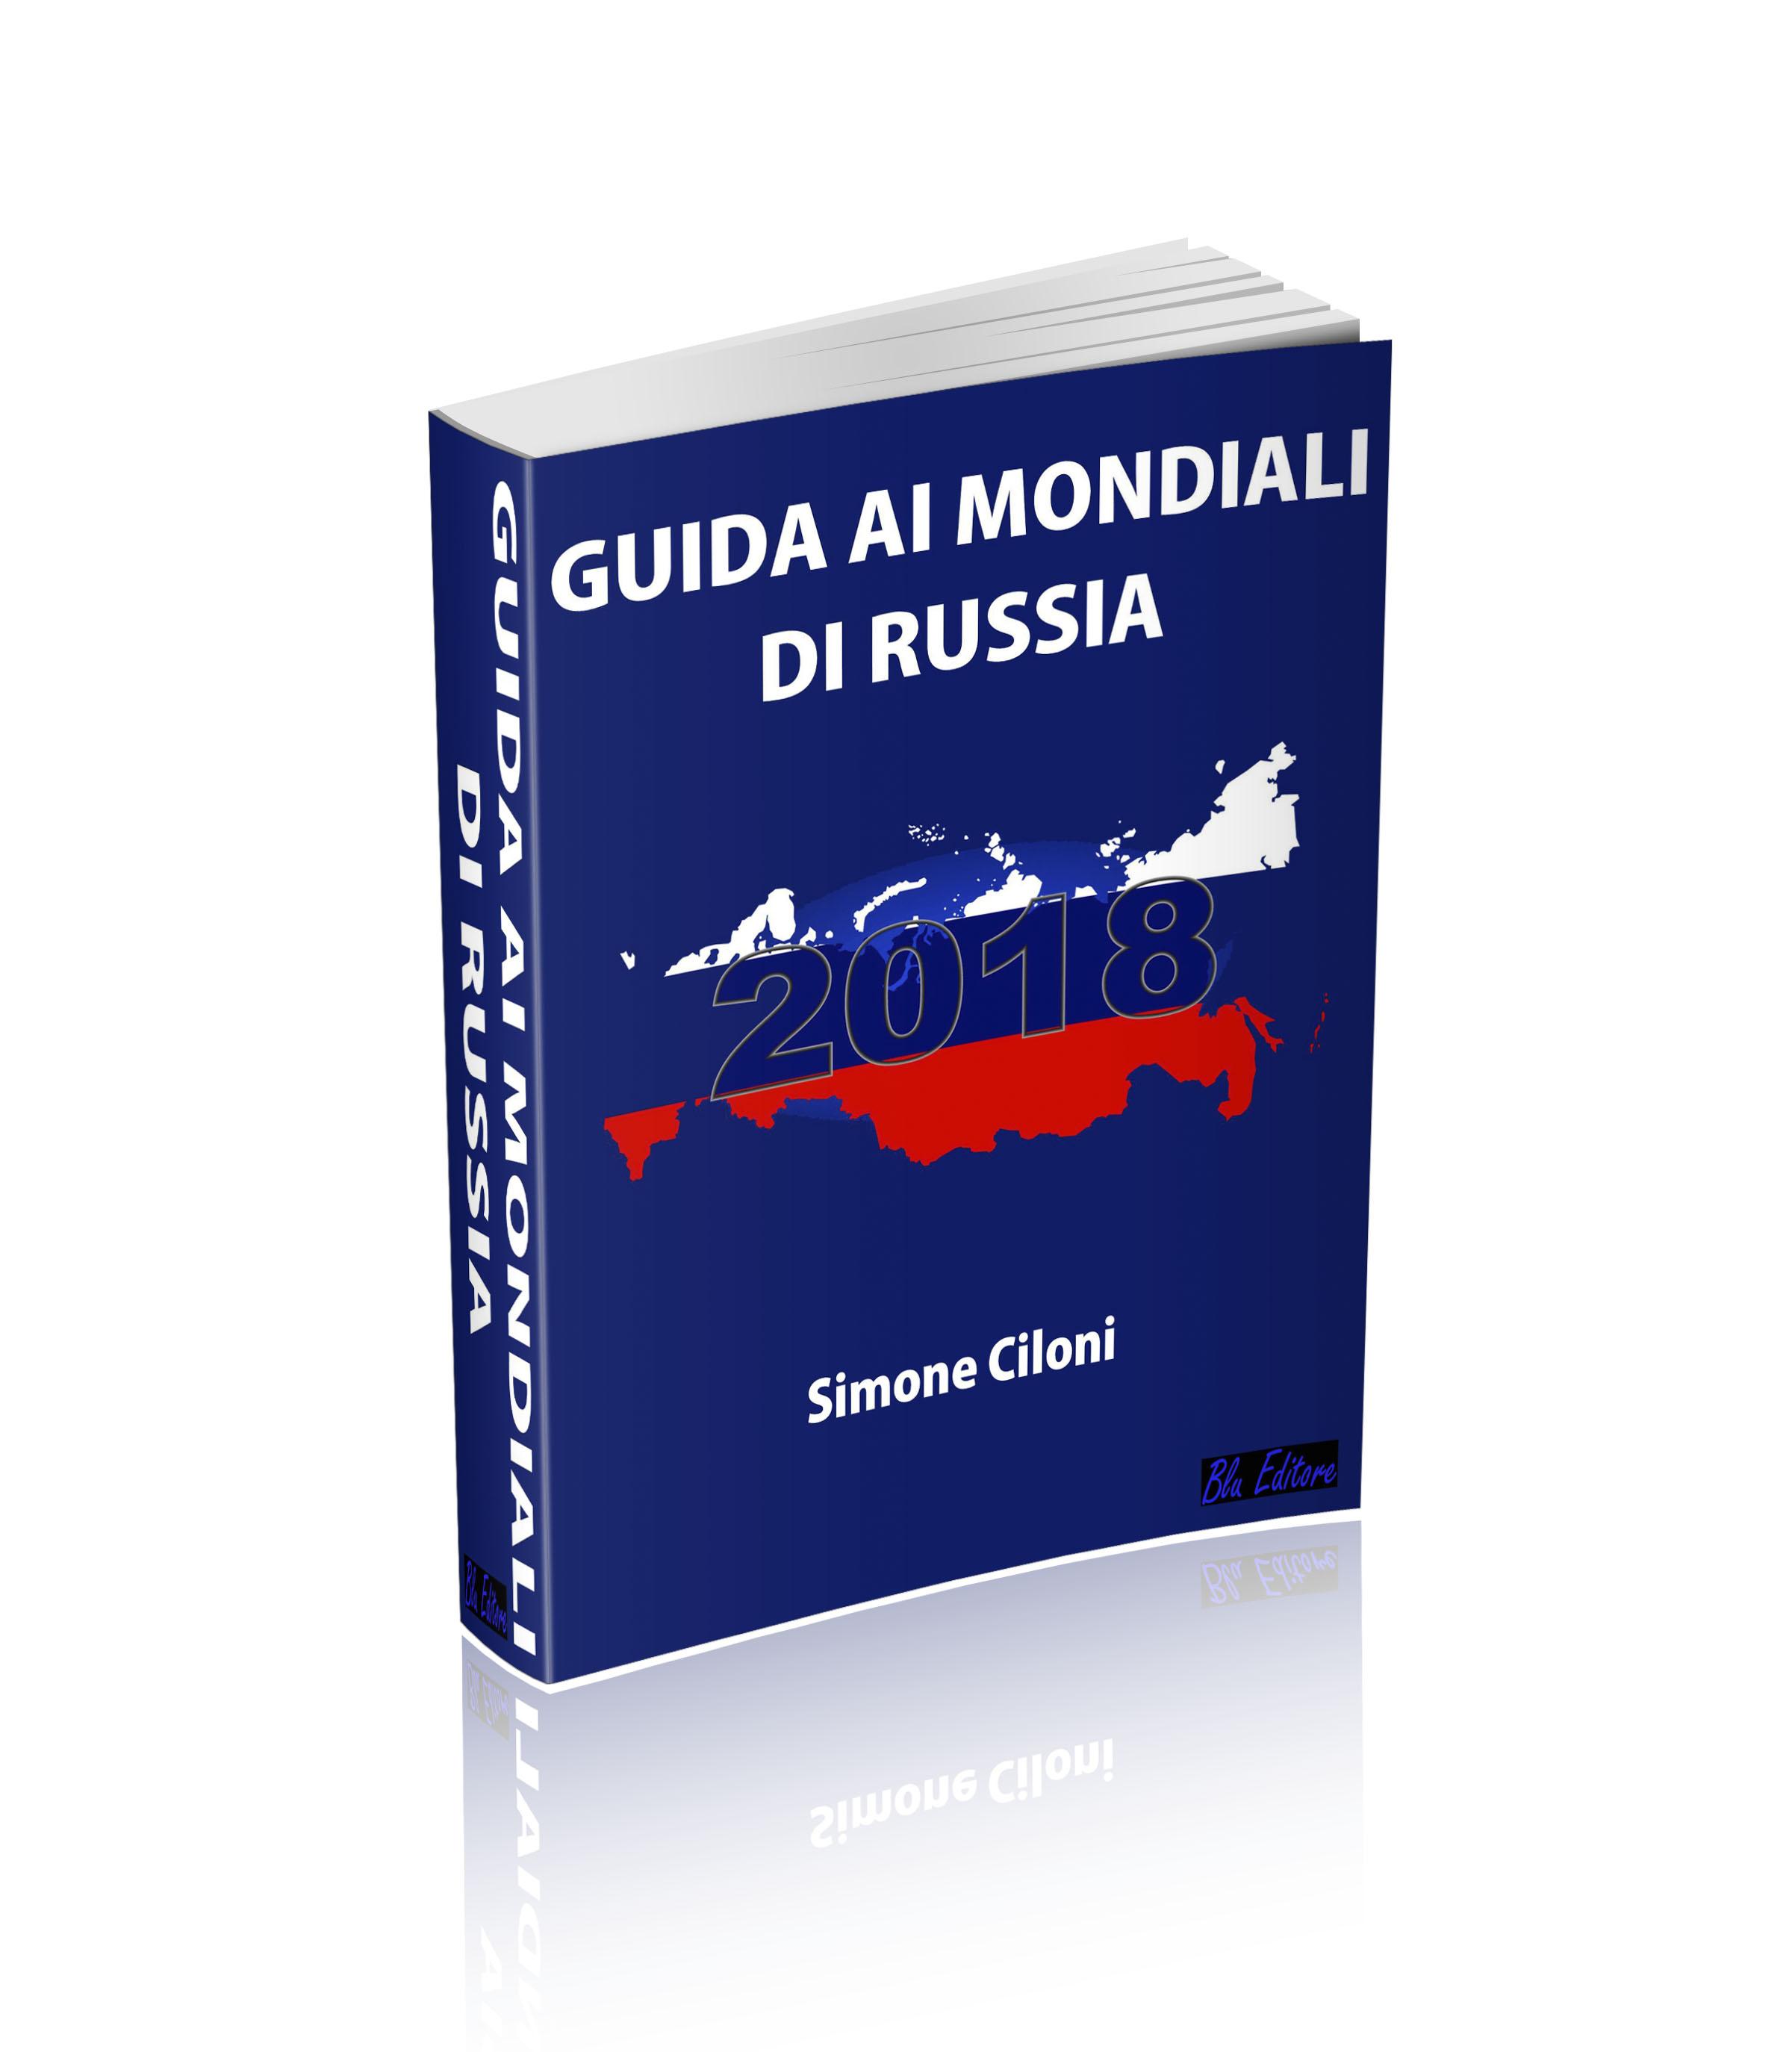 Guida ai Mondiali di Russia 2018